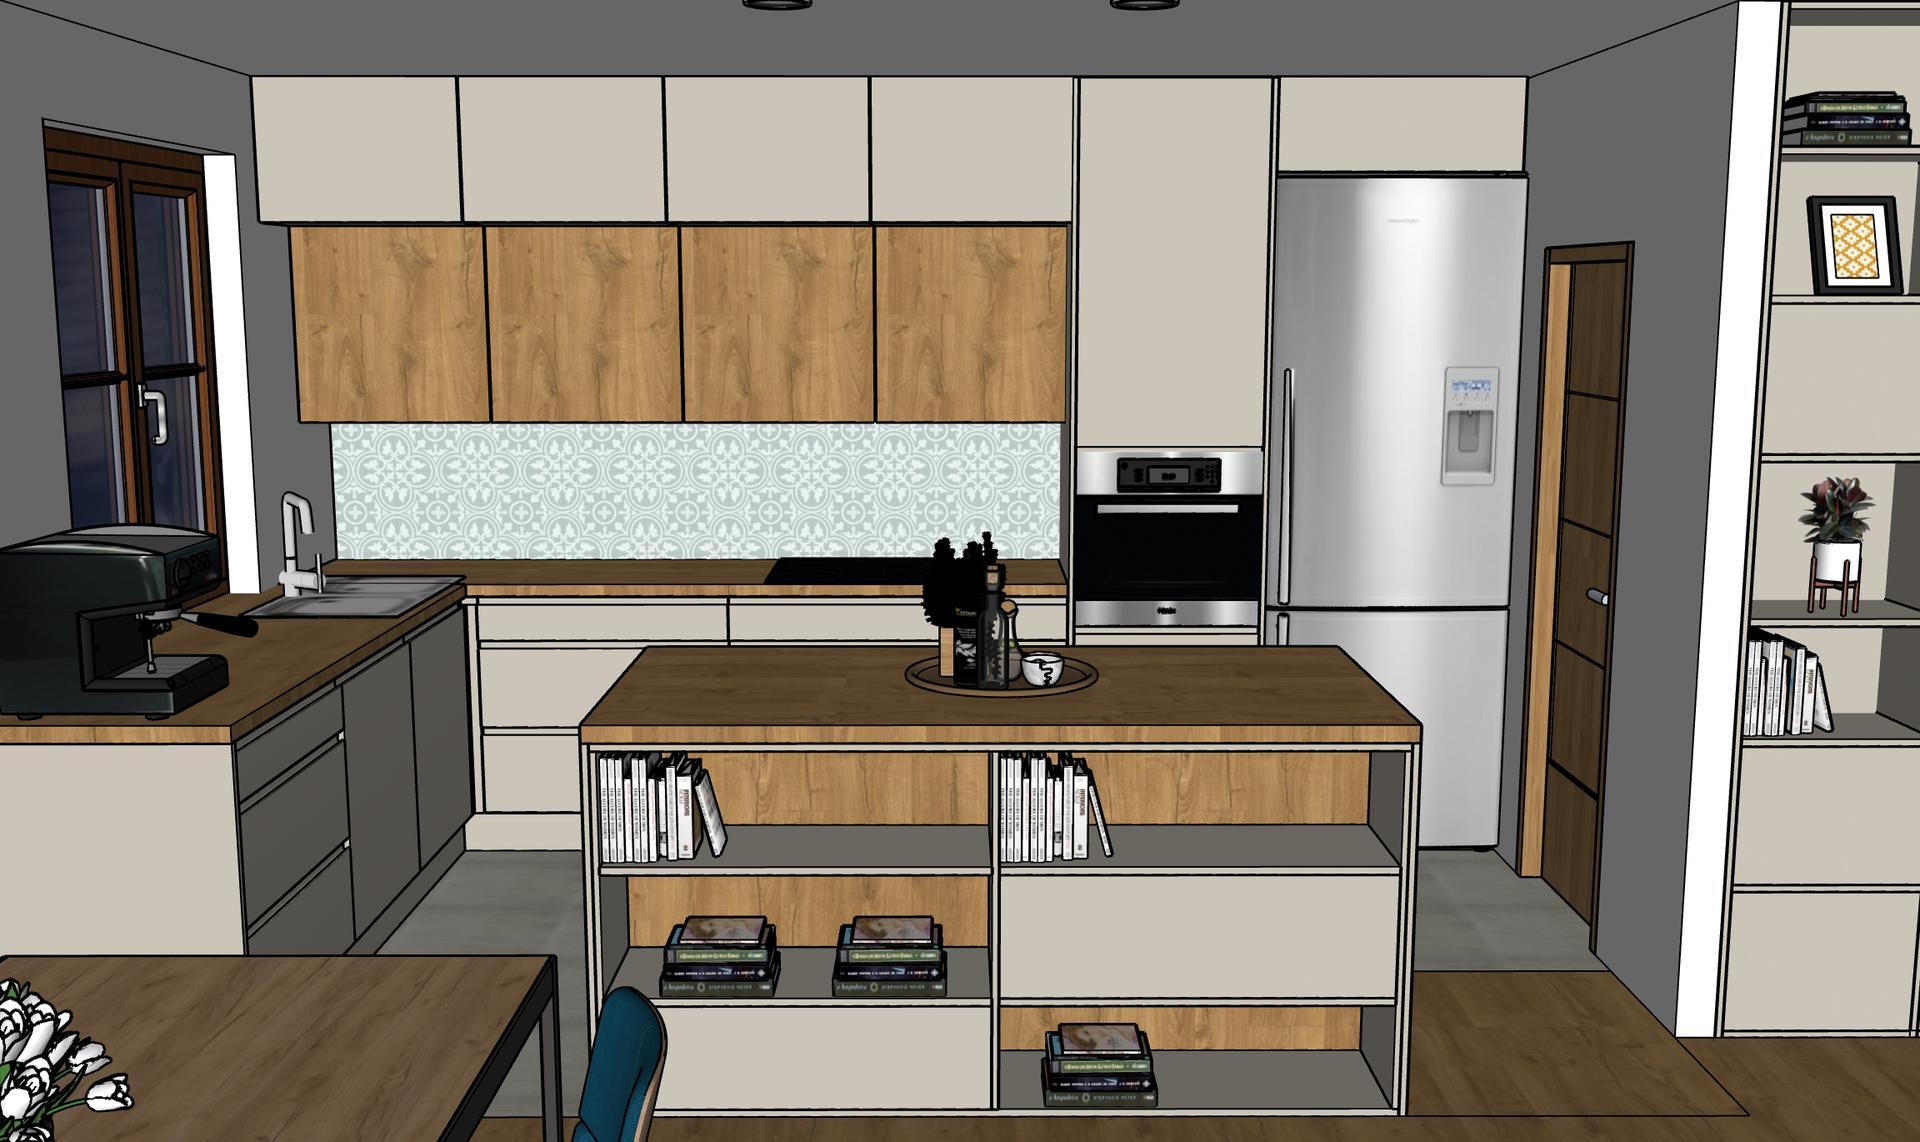 Tak pořád přemýšlím, jestli je lepší dát vysokou věž v dřevodekoru nebo v kašmíru jako spodní a nejhornější skříňky. Co se víc líbí vám? (pozn. dlažba na podlaze nakonec nebude a v celé místnosti bude dřevo) - Obrázek č. 2